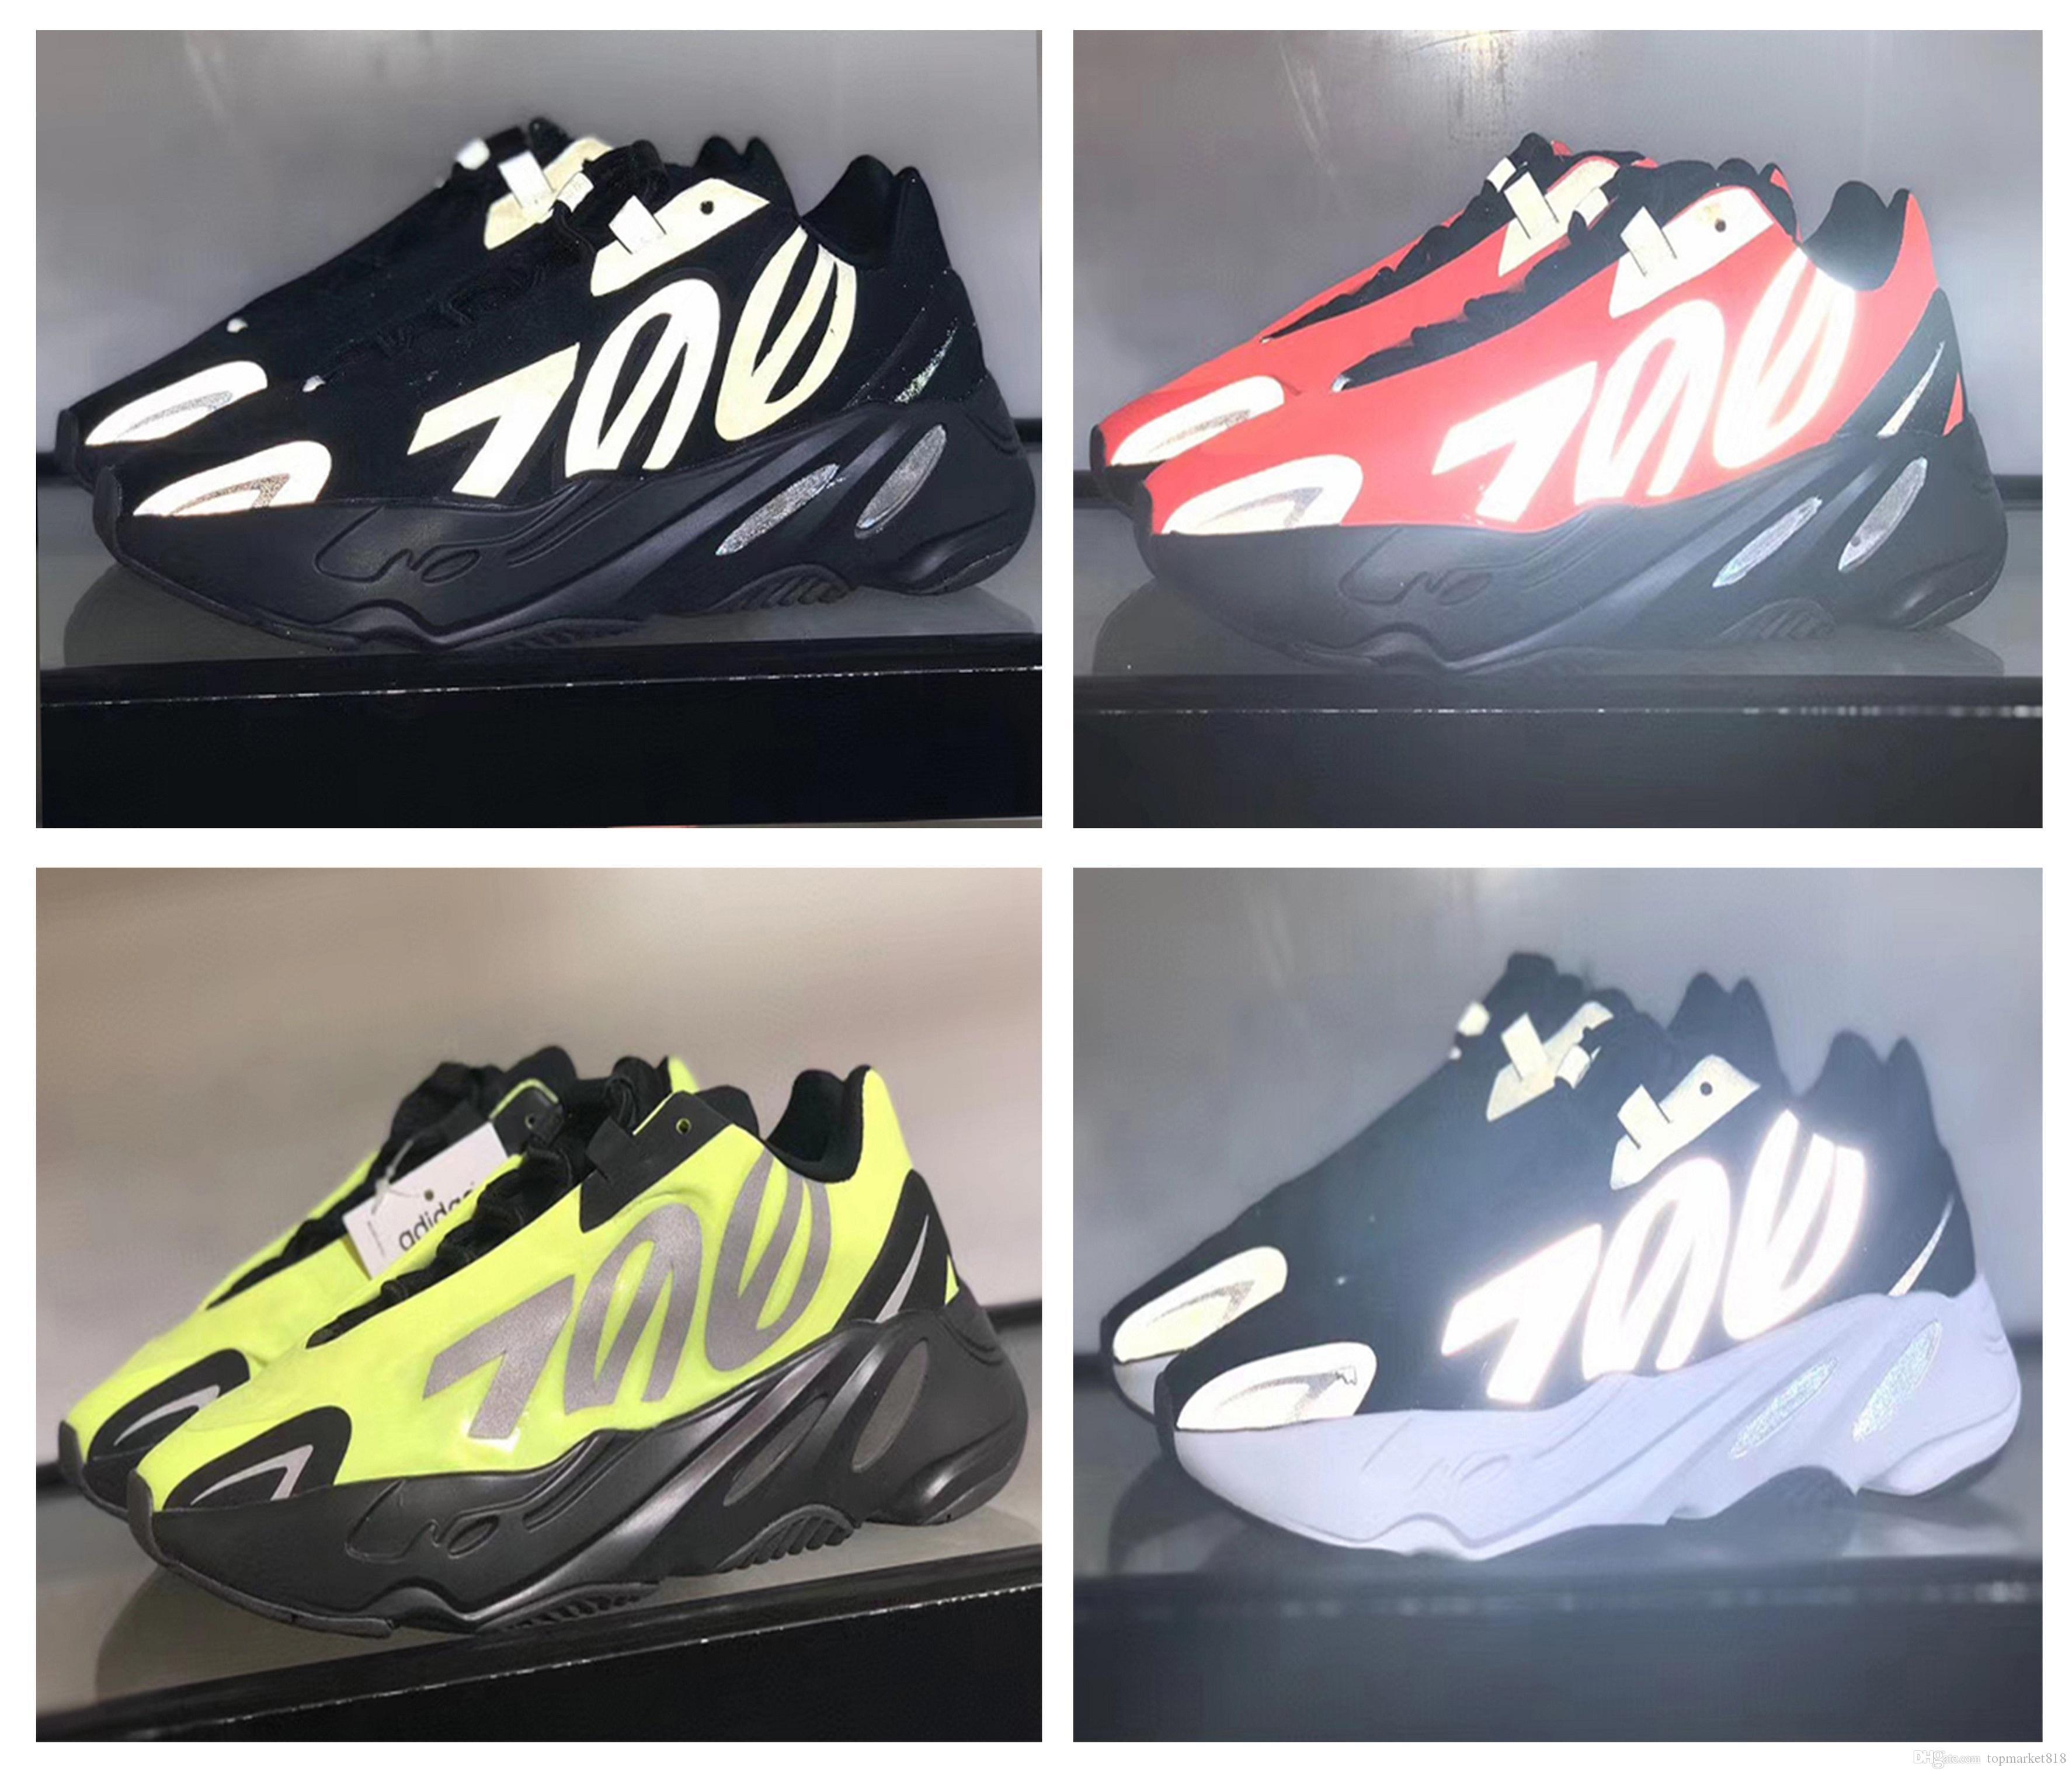 2020 Yeni Geliş 700 V2 MNVN Statik Mauve marka moda lüks tasarımcı erkek kadın eğitici Spor ayakkabılar boyutu çalıştıran Açık 36 ~ 46